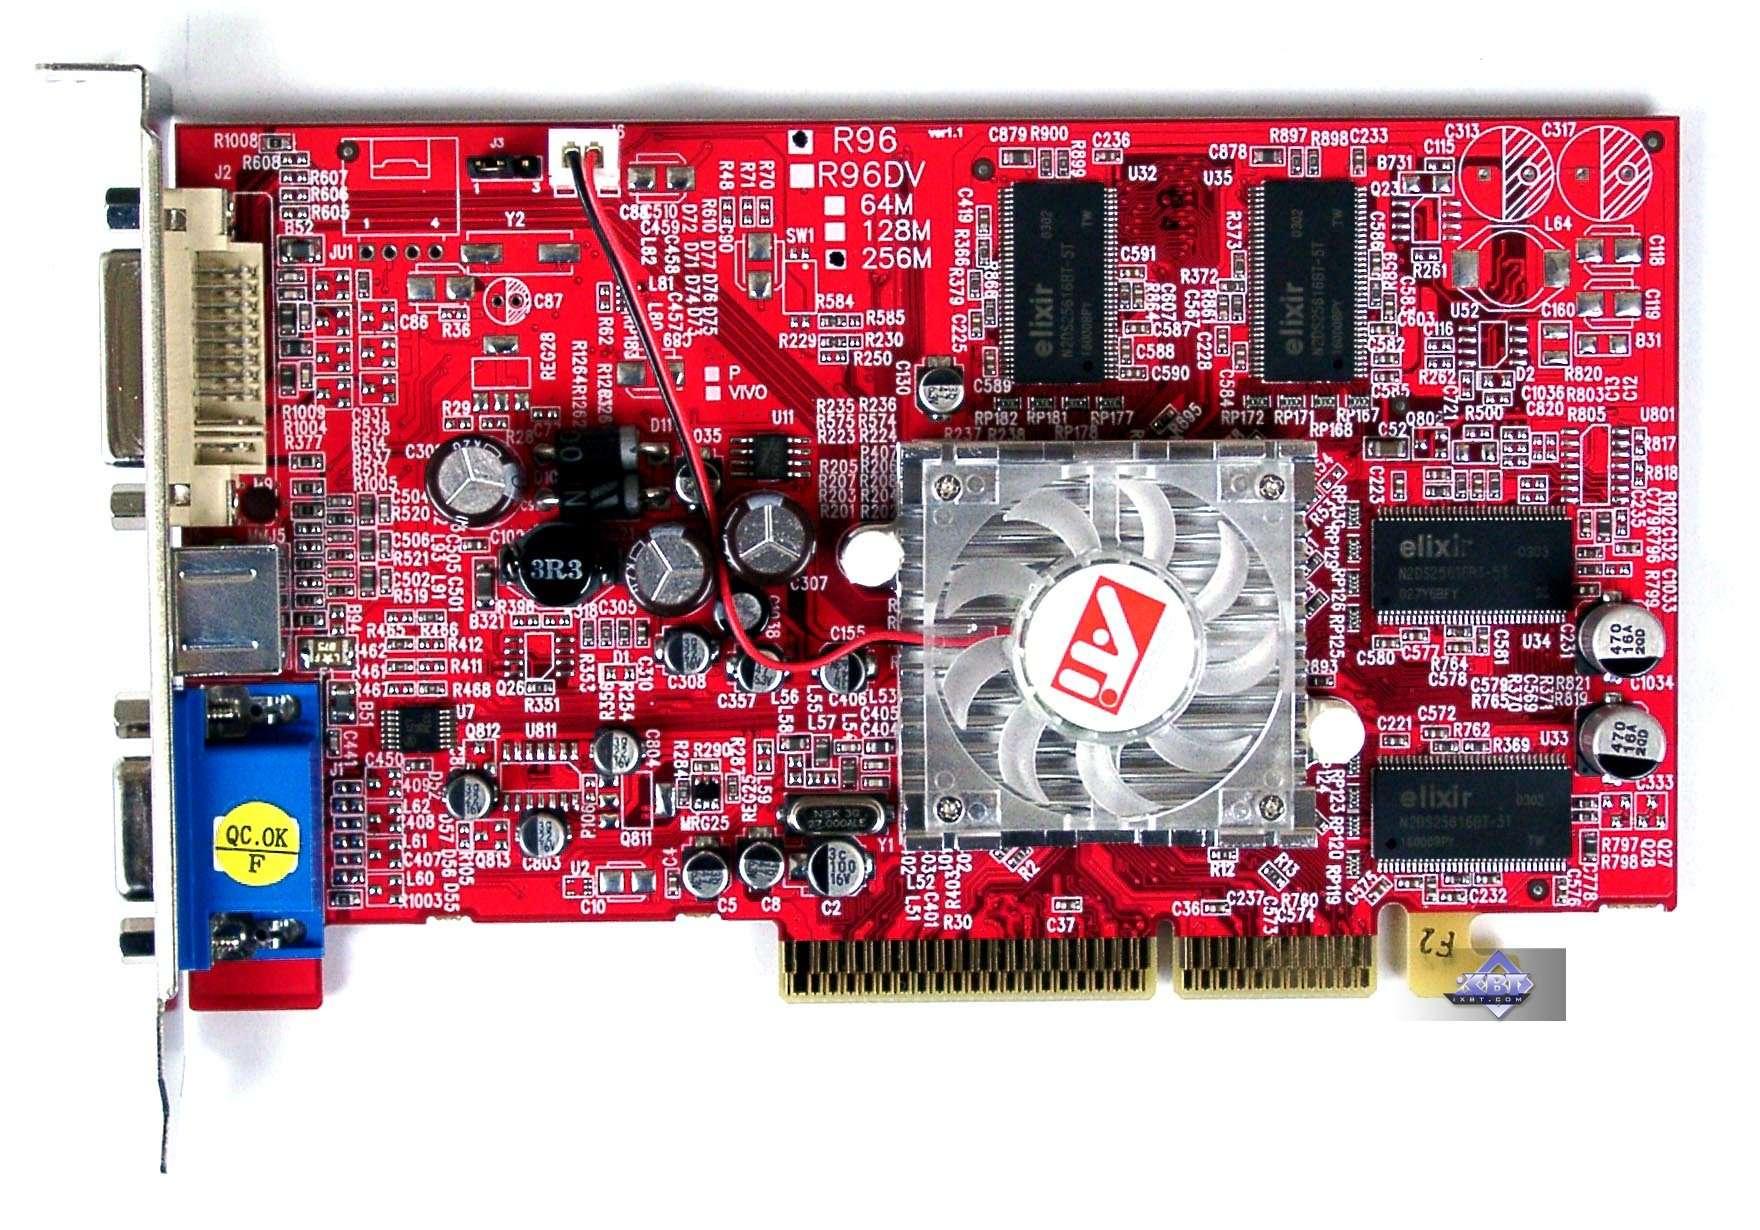 Скачать драйвера для видеокарты 9600 pro